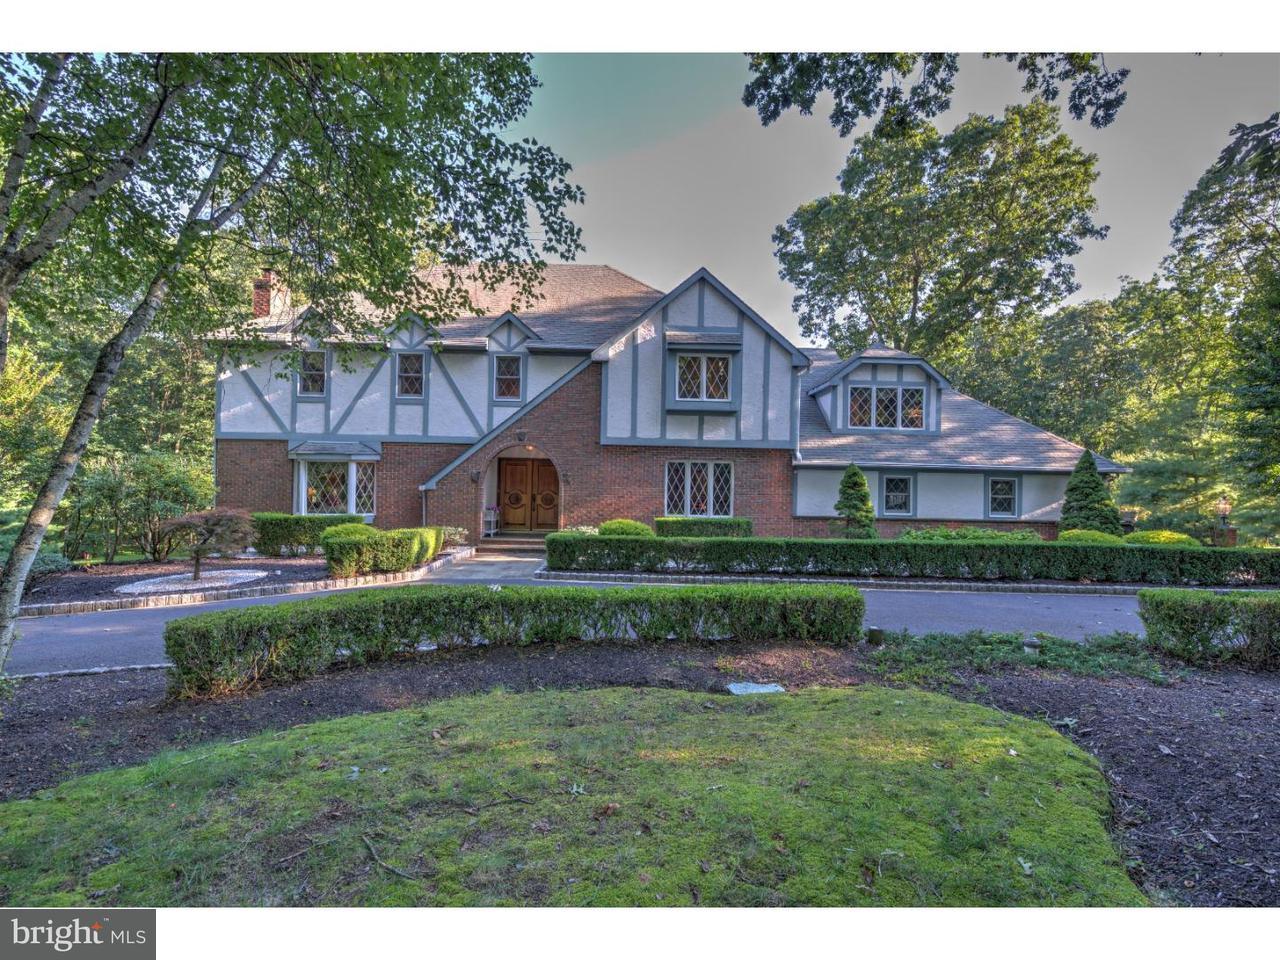 Maison unifamiliale pour l Vente à 9 ALPINE Drive Perrineville, New Jersey 08535 États-Unis